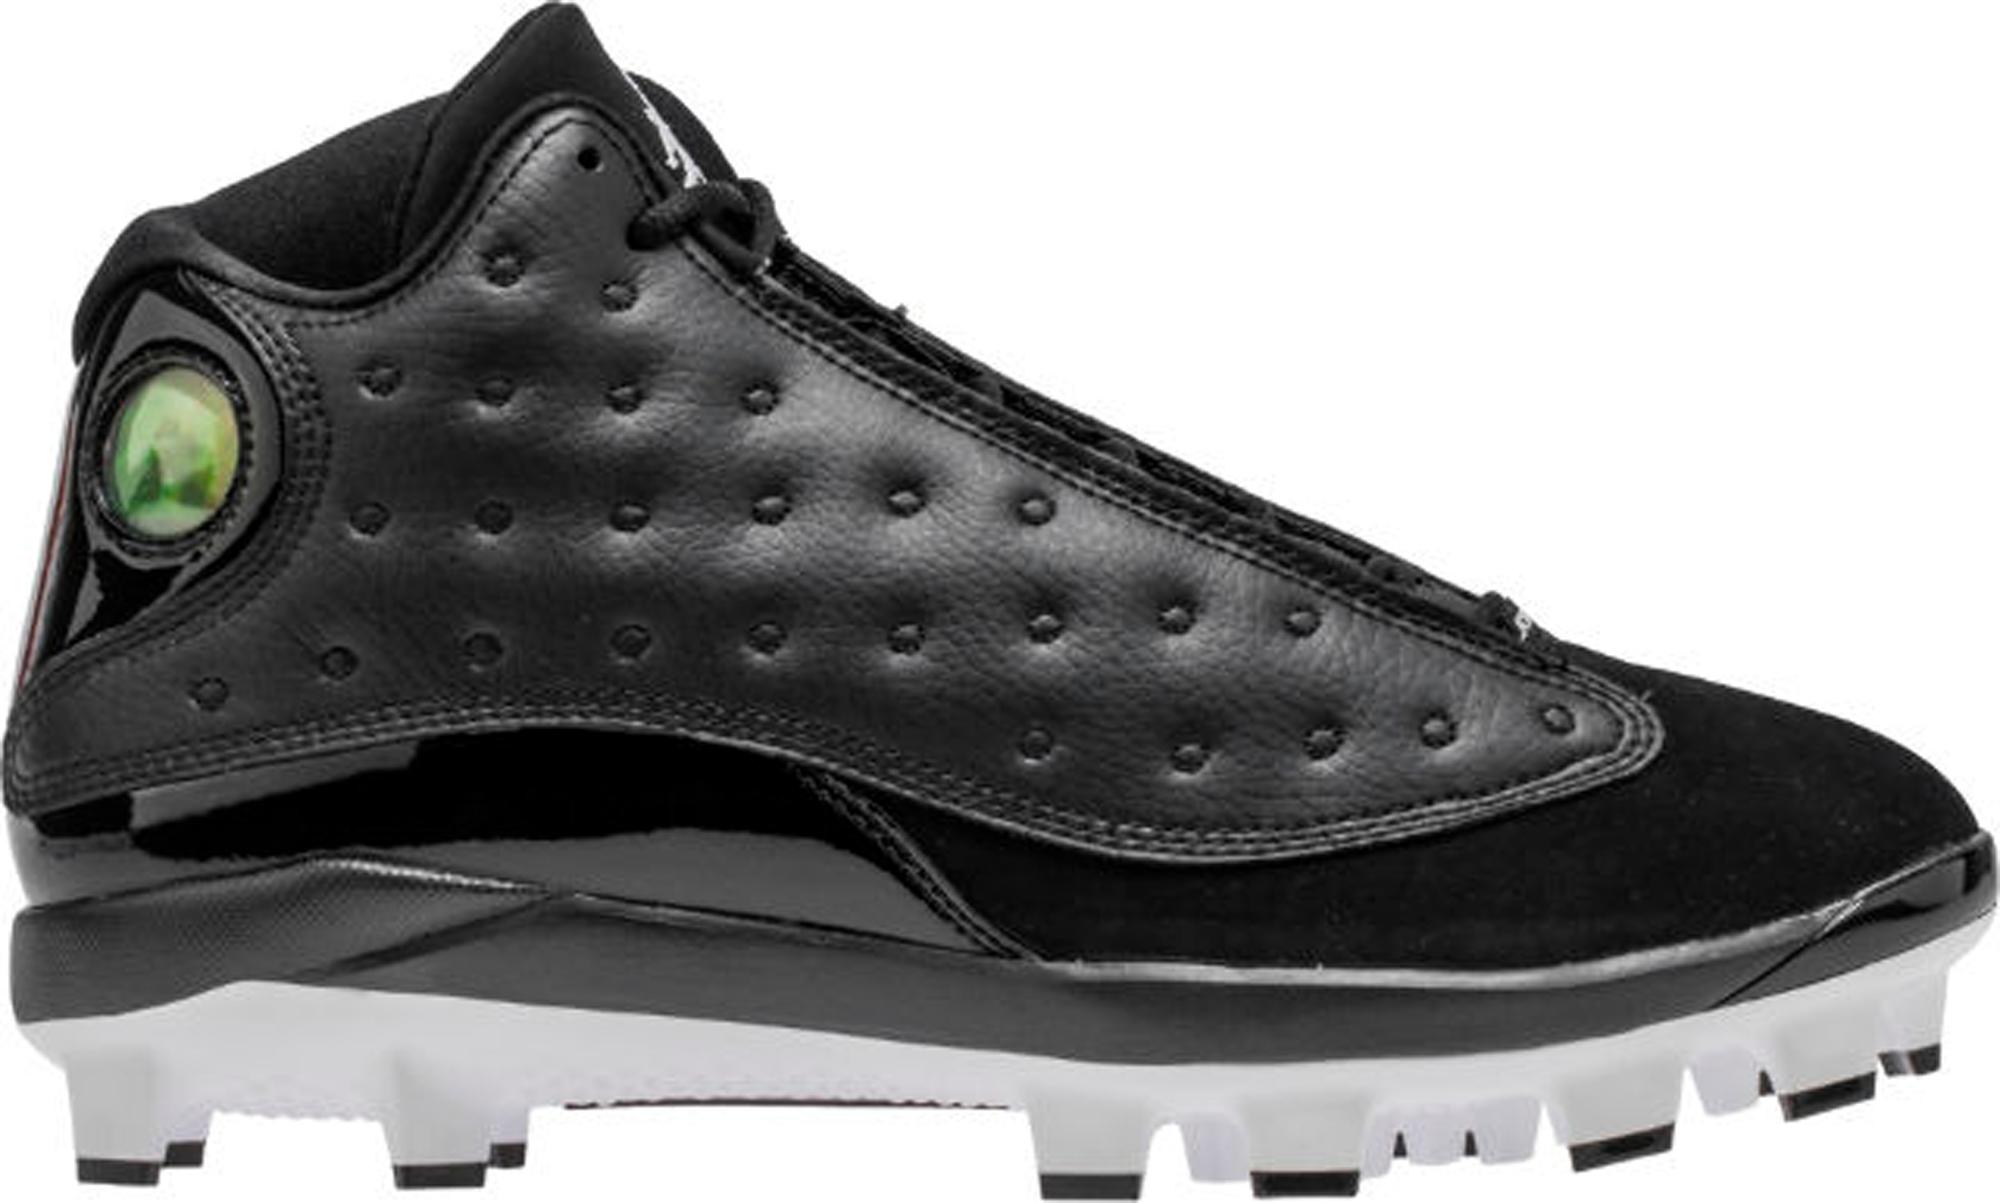 Jordan 13 Retro MCS Cleat Black